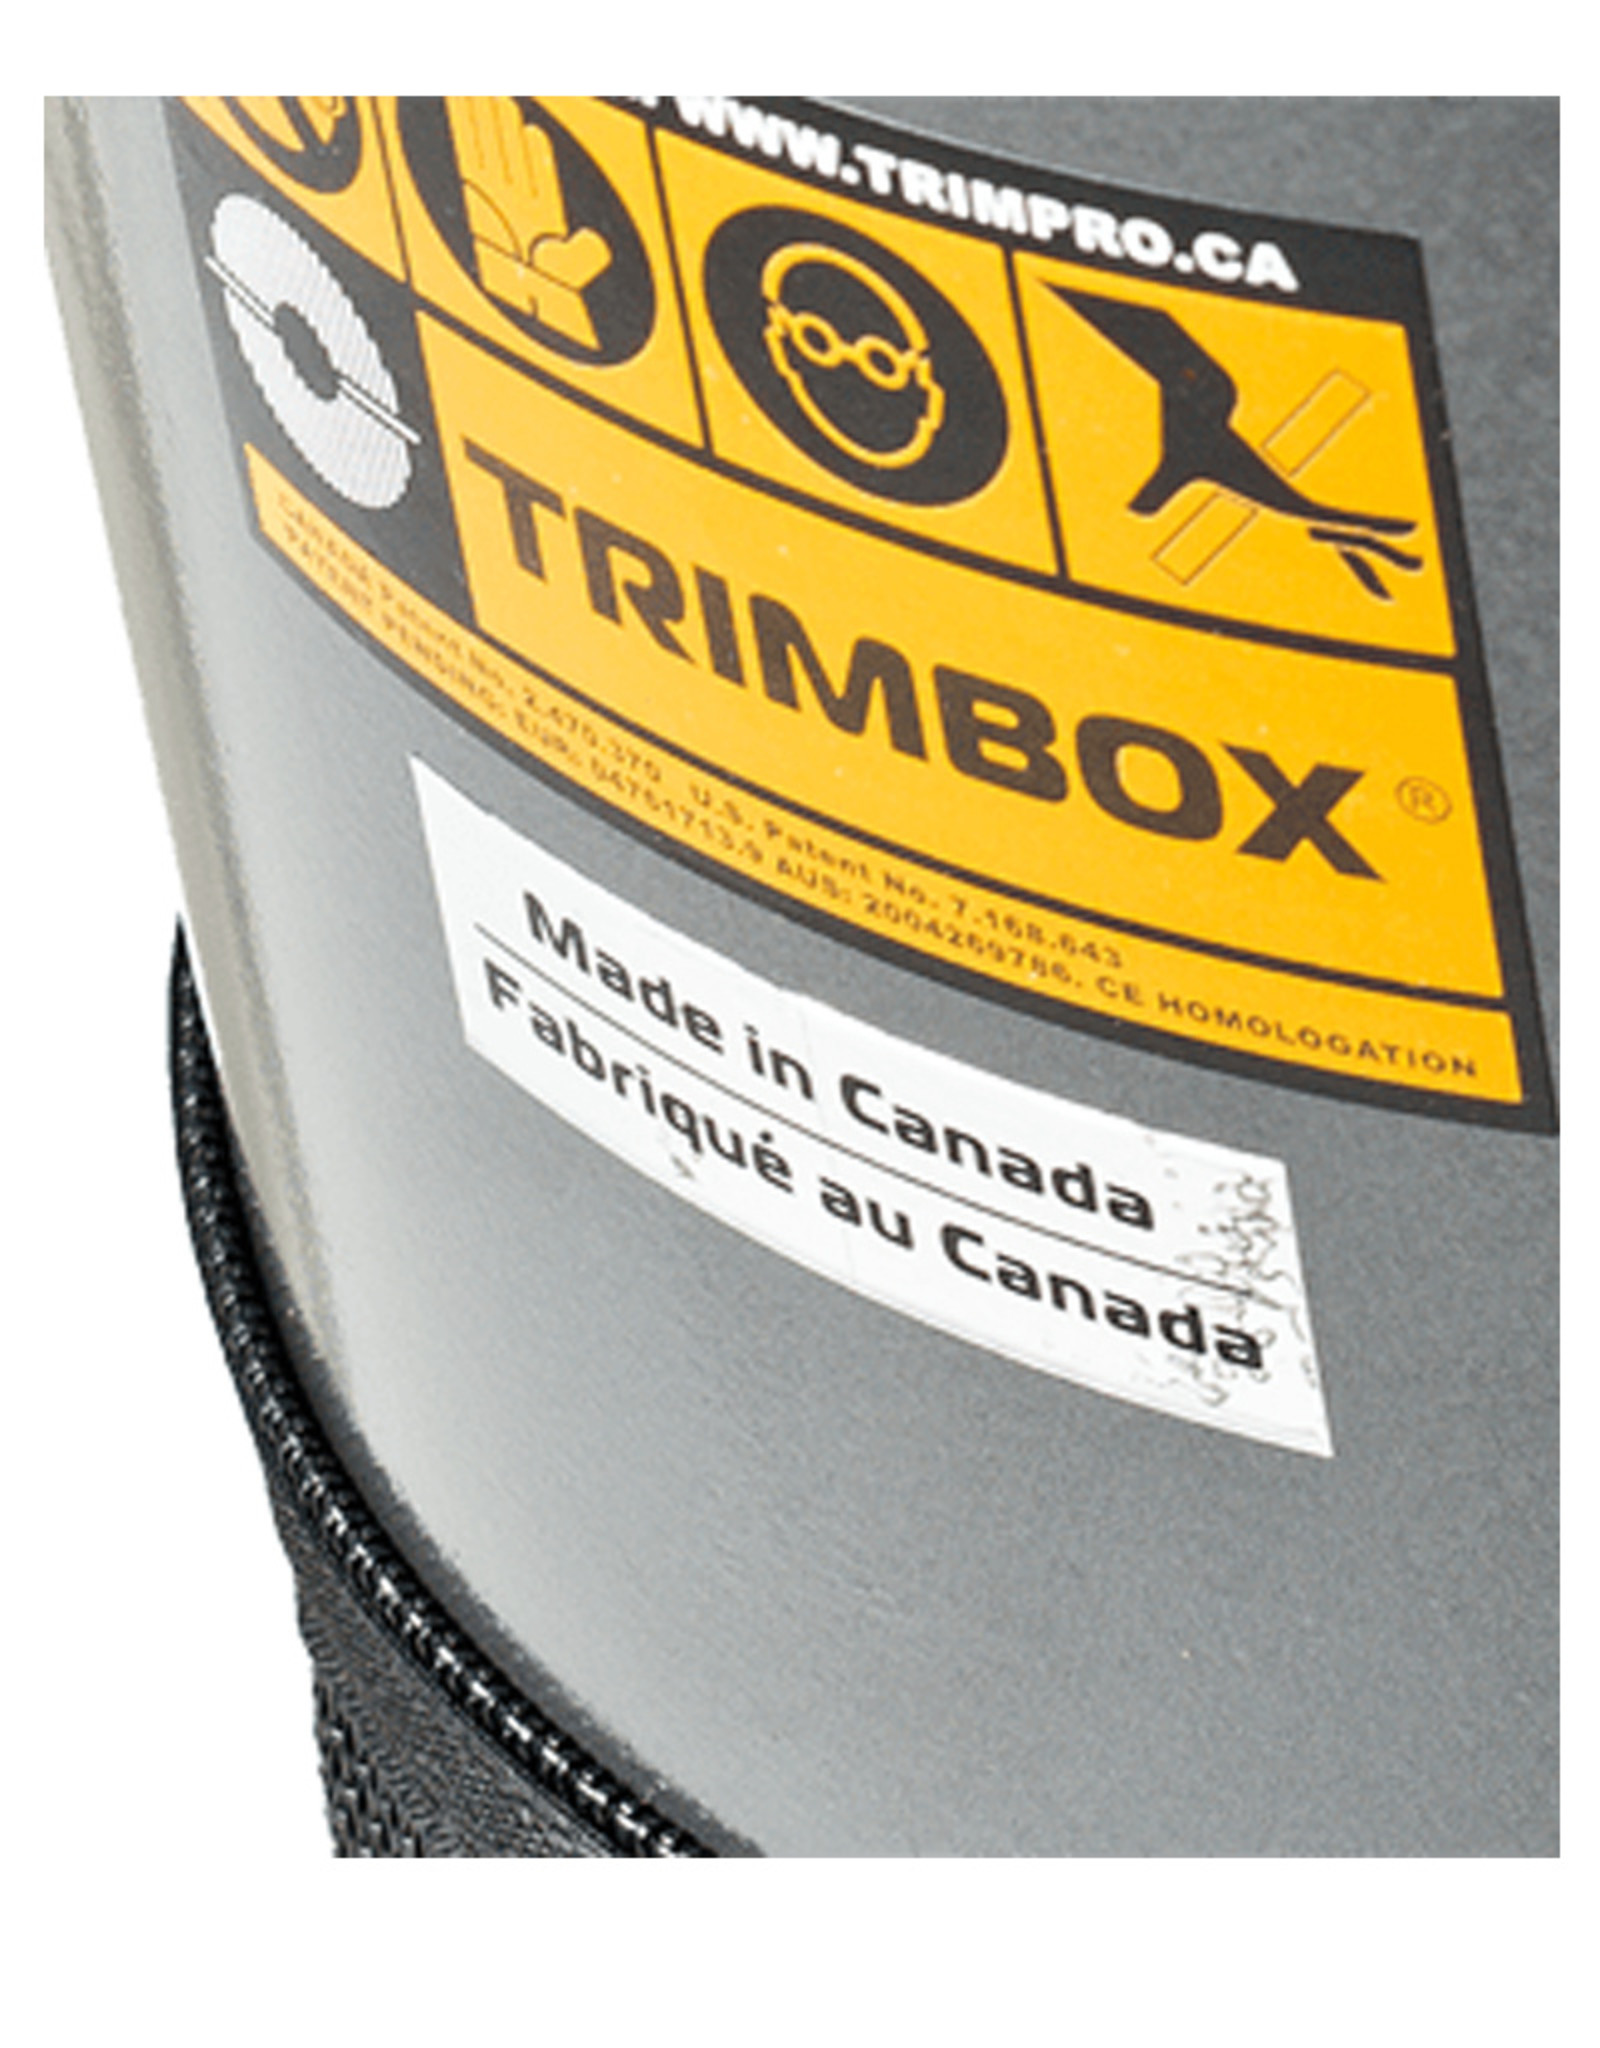 TRIMPRO TRIMPRO TRIMBOX